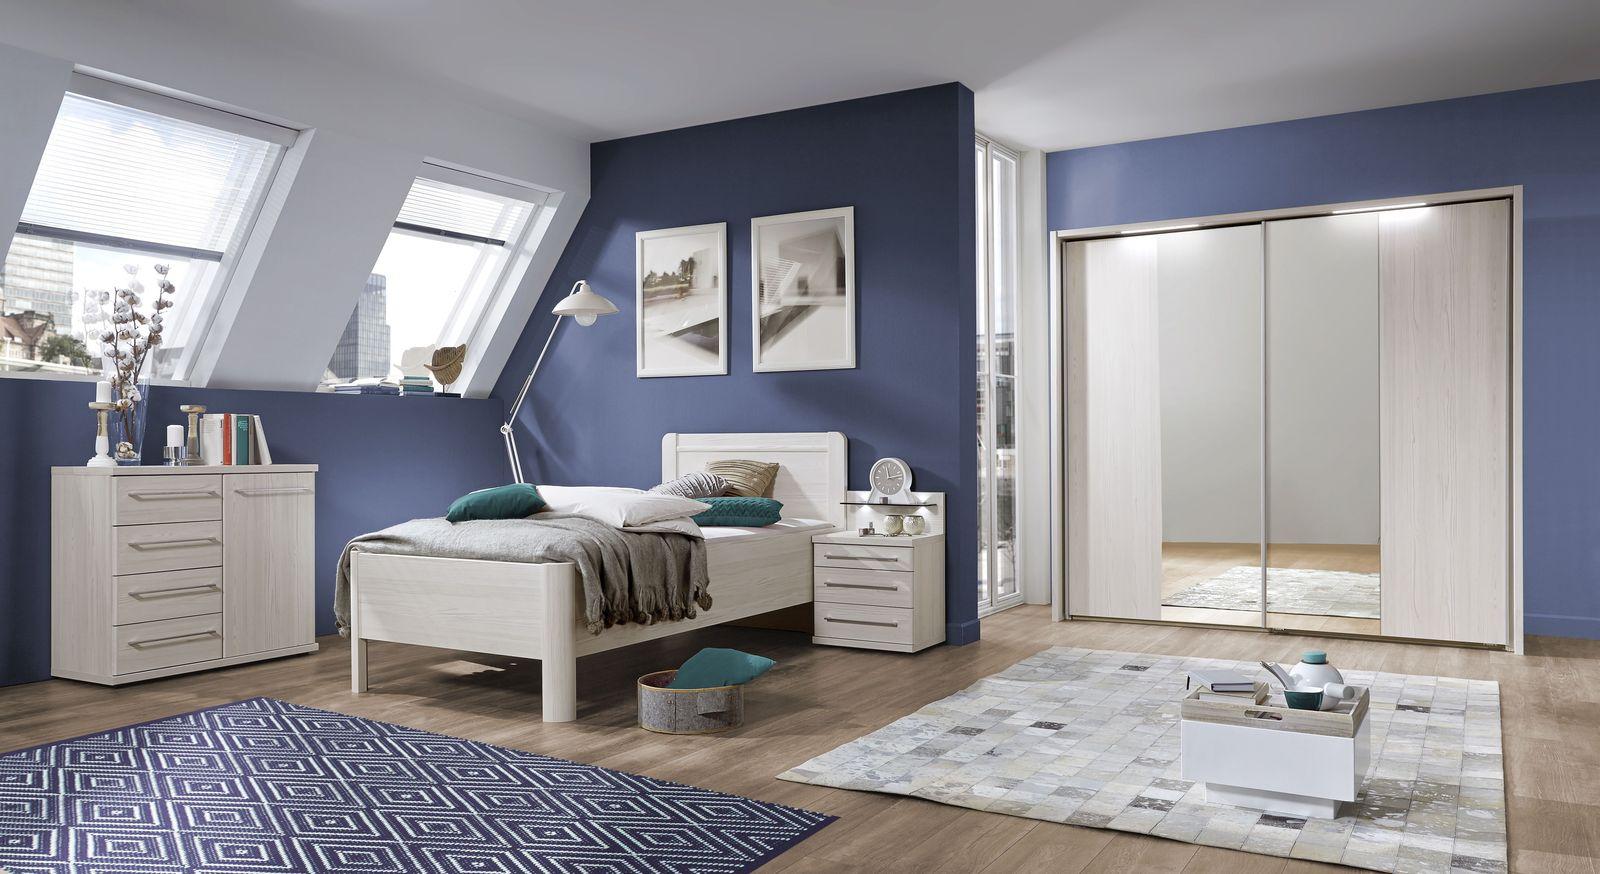 Komplett-Schlafzimmer Apolda in zeitlosem Design